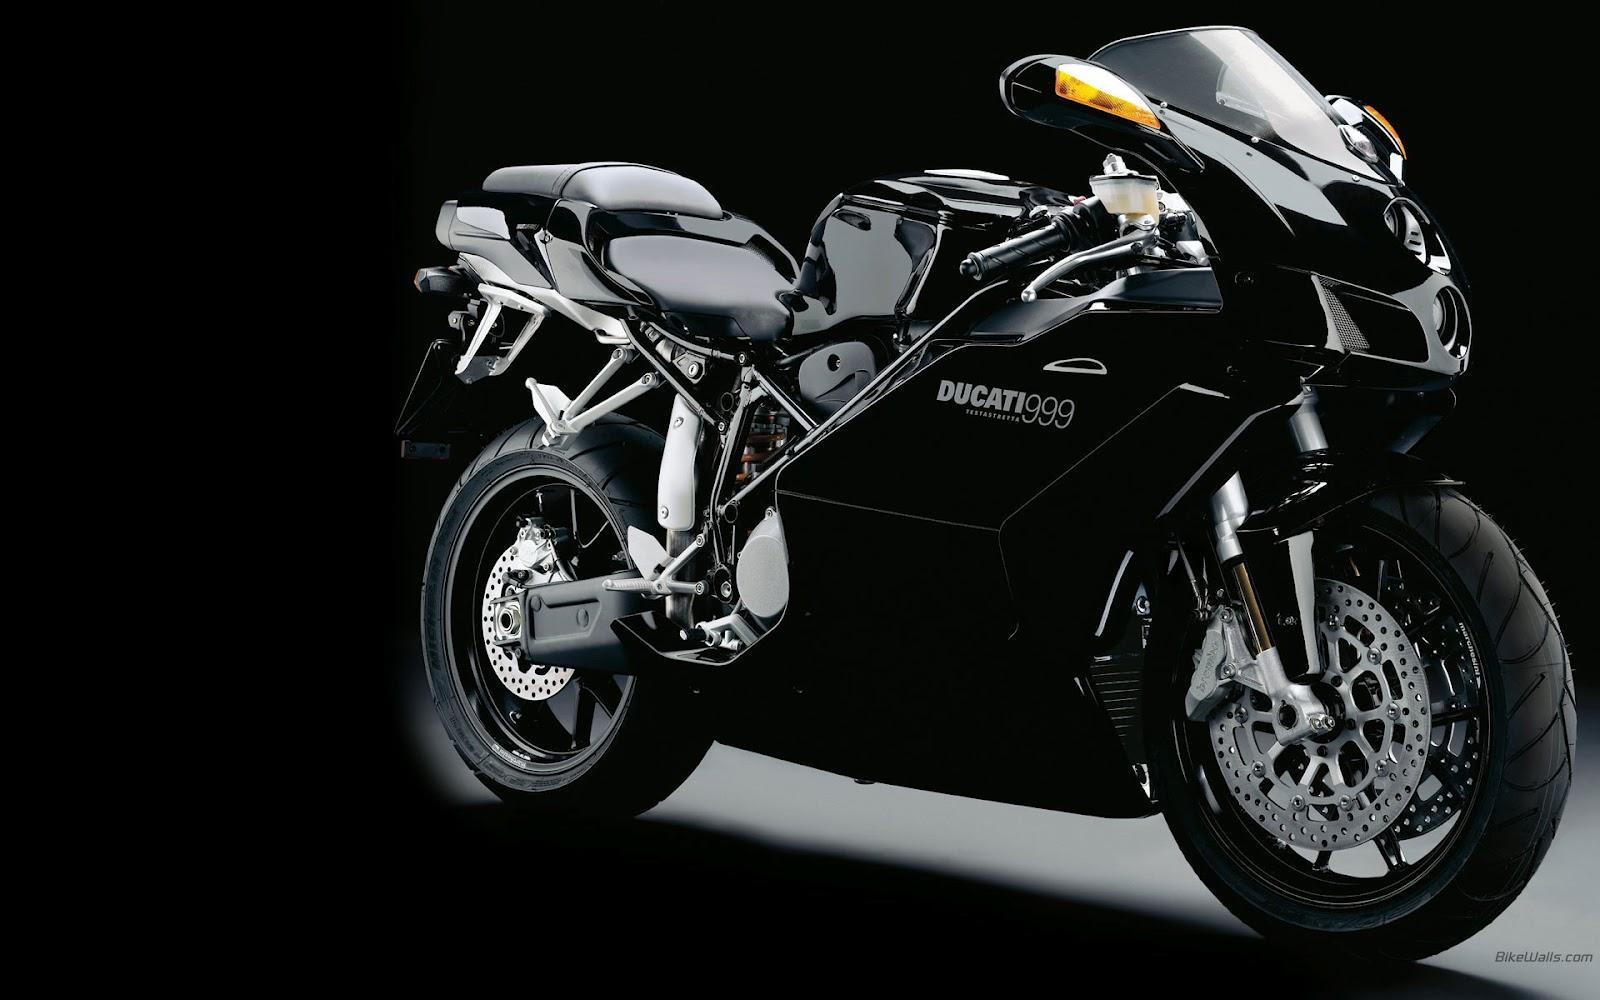 http://1.bp.blogspot.com/-f67aUZ94kww/T1tpctevqMI/AAAAAAAAClk/10OVGMD_QwM/s1600/Ducati_999_2005_01_b1920.jpg